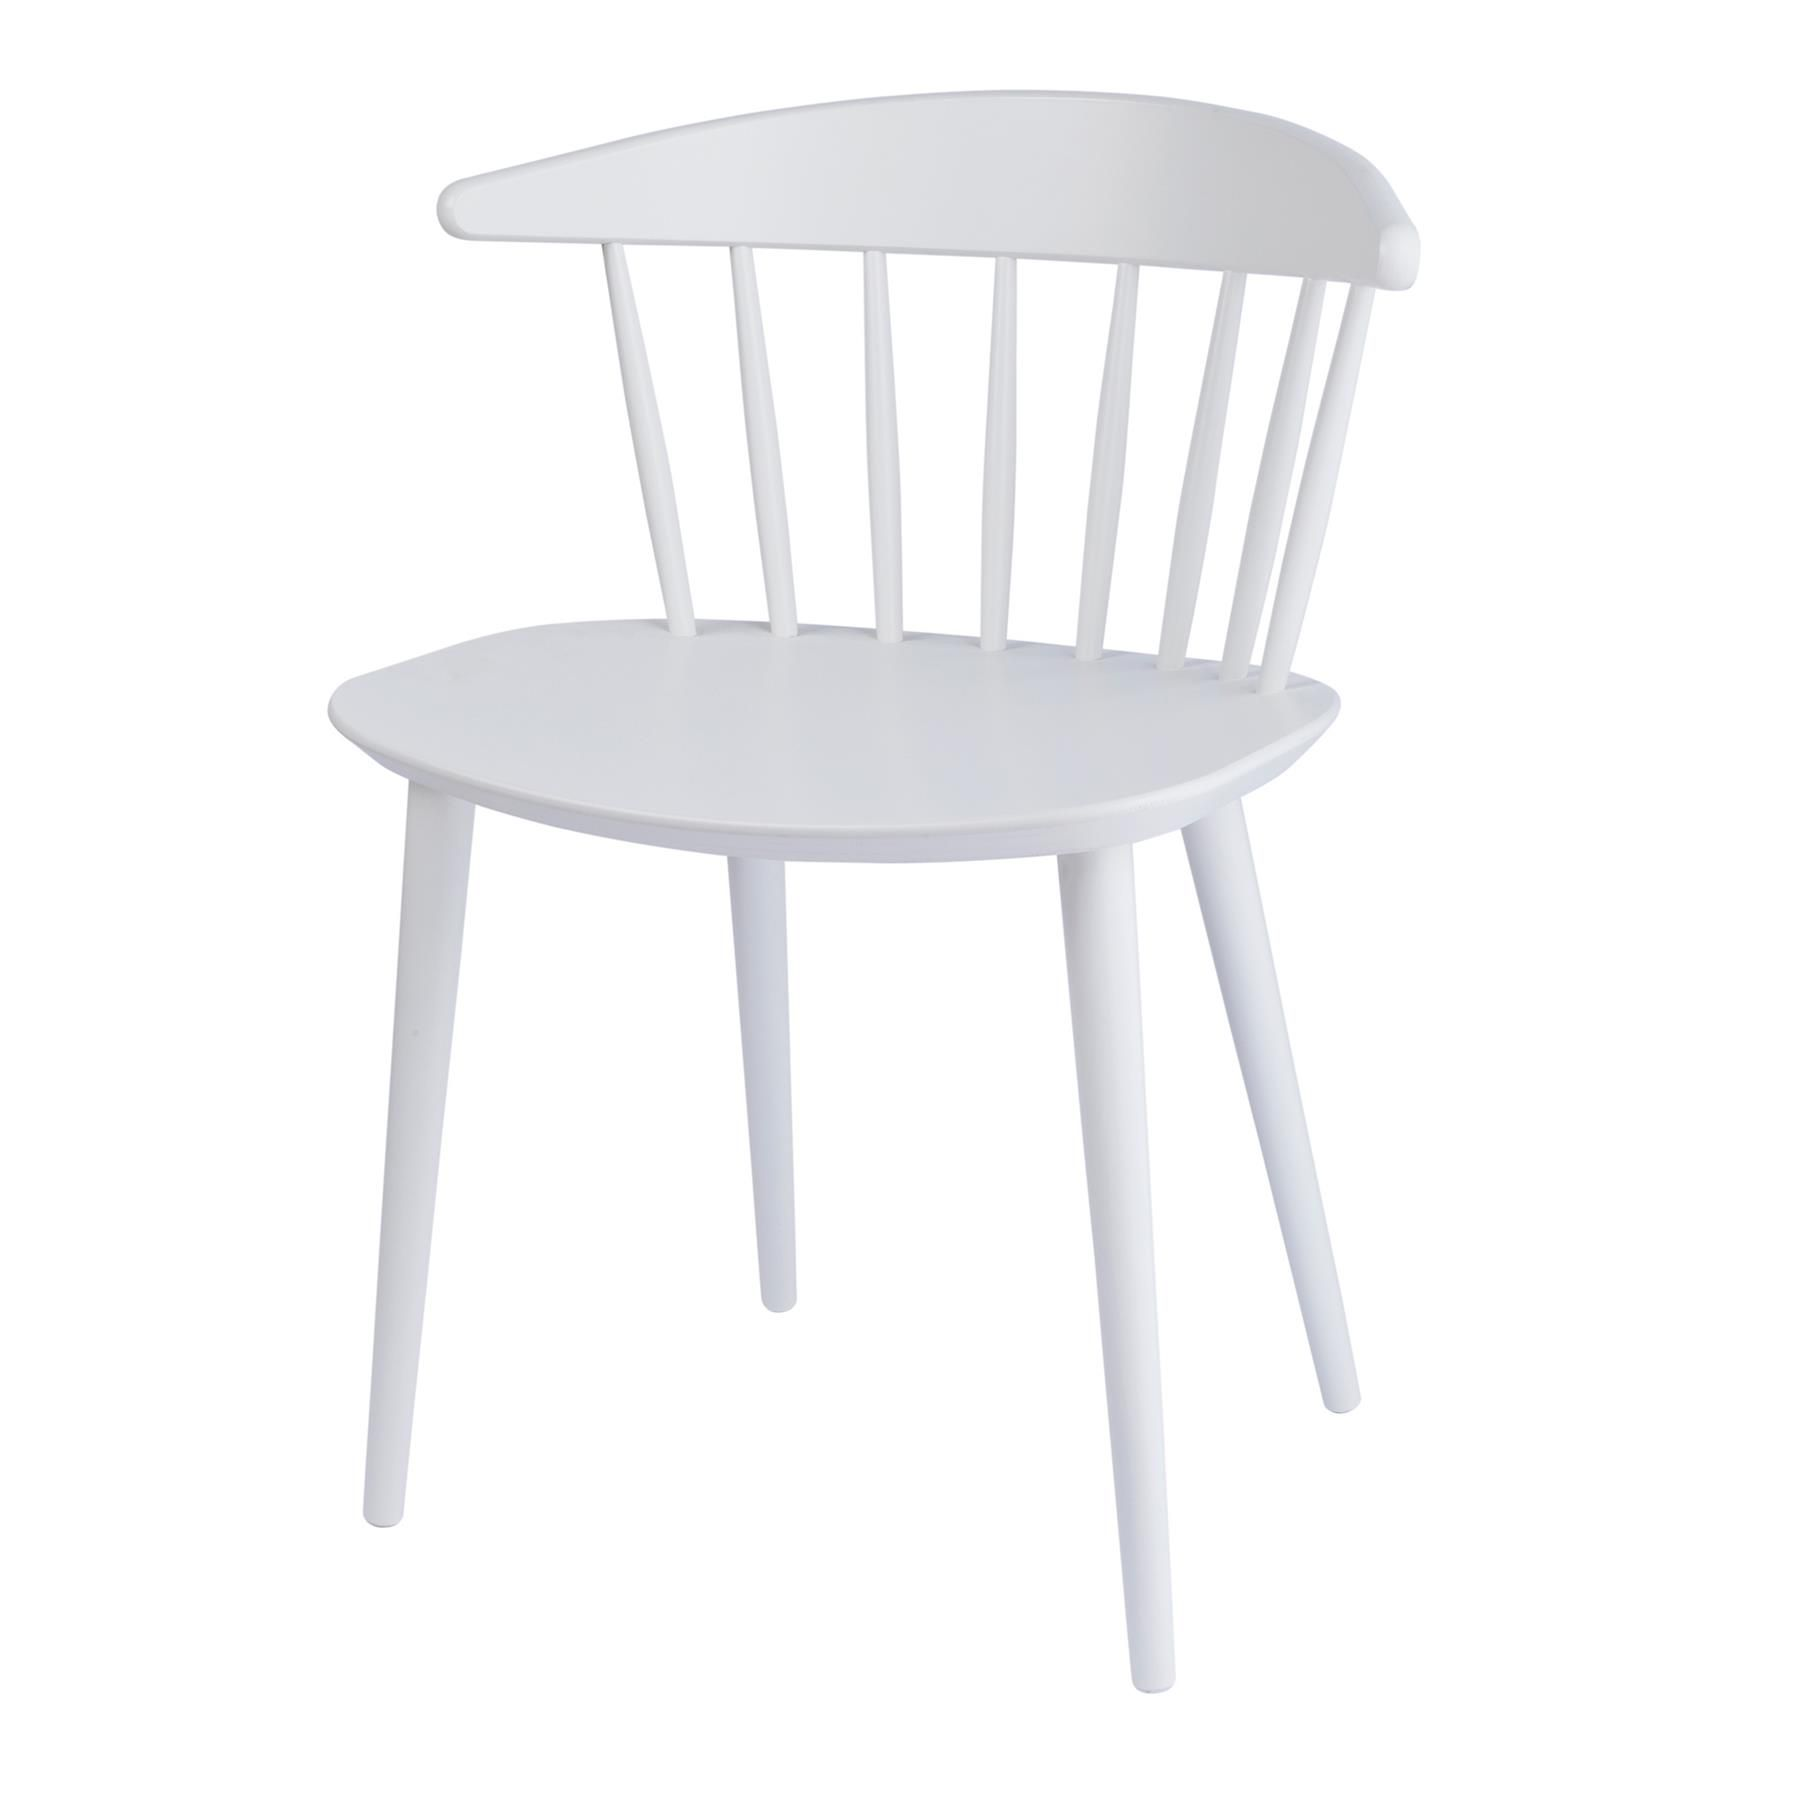 Hay J104 Stoel Moderne Stuhle Stuhl Design Esszimmerstuhle